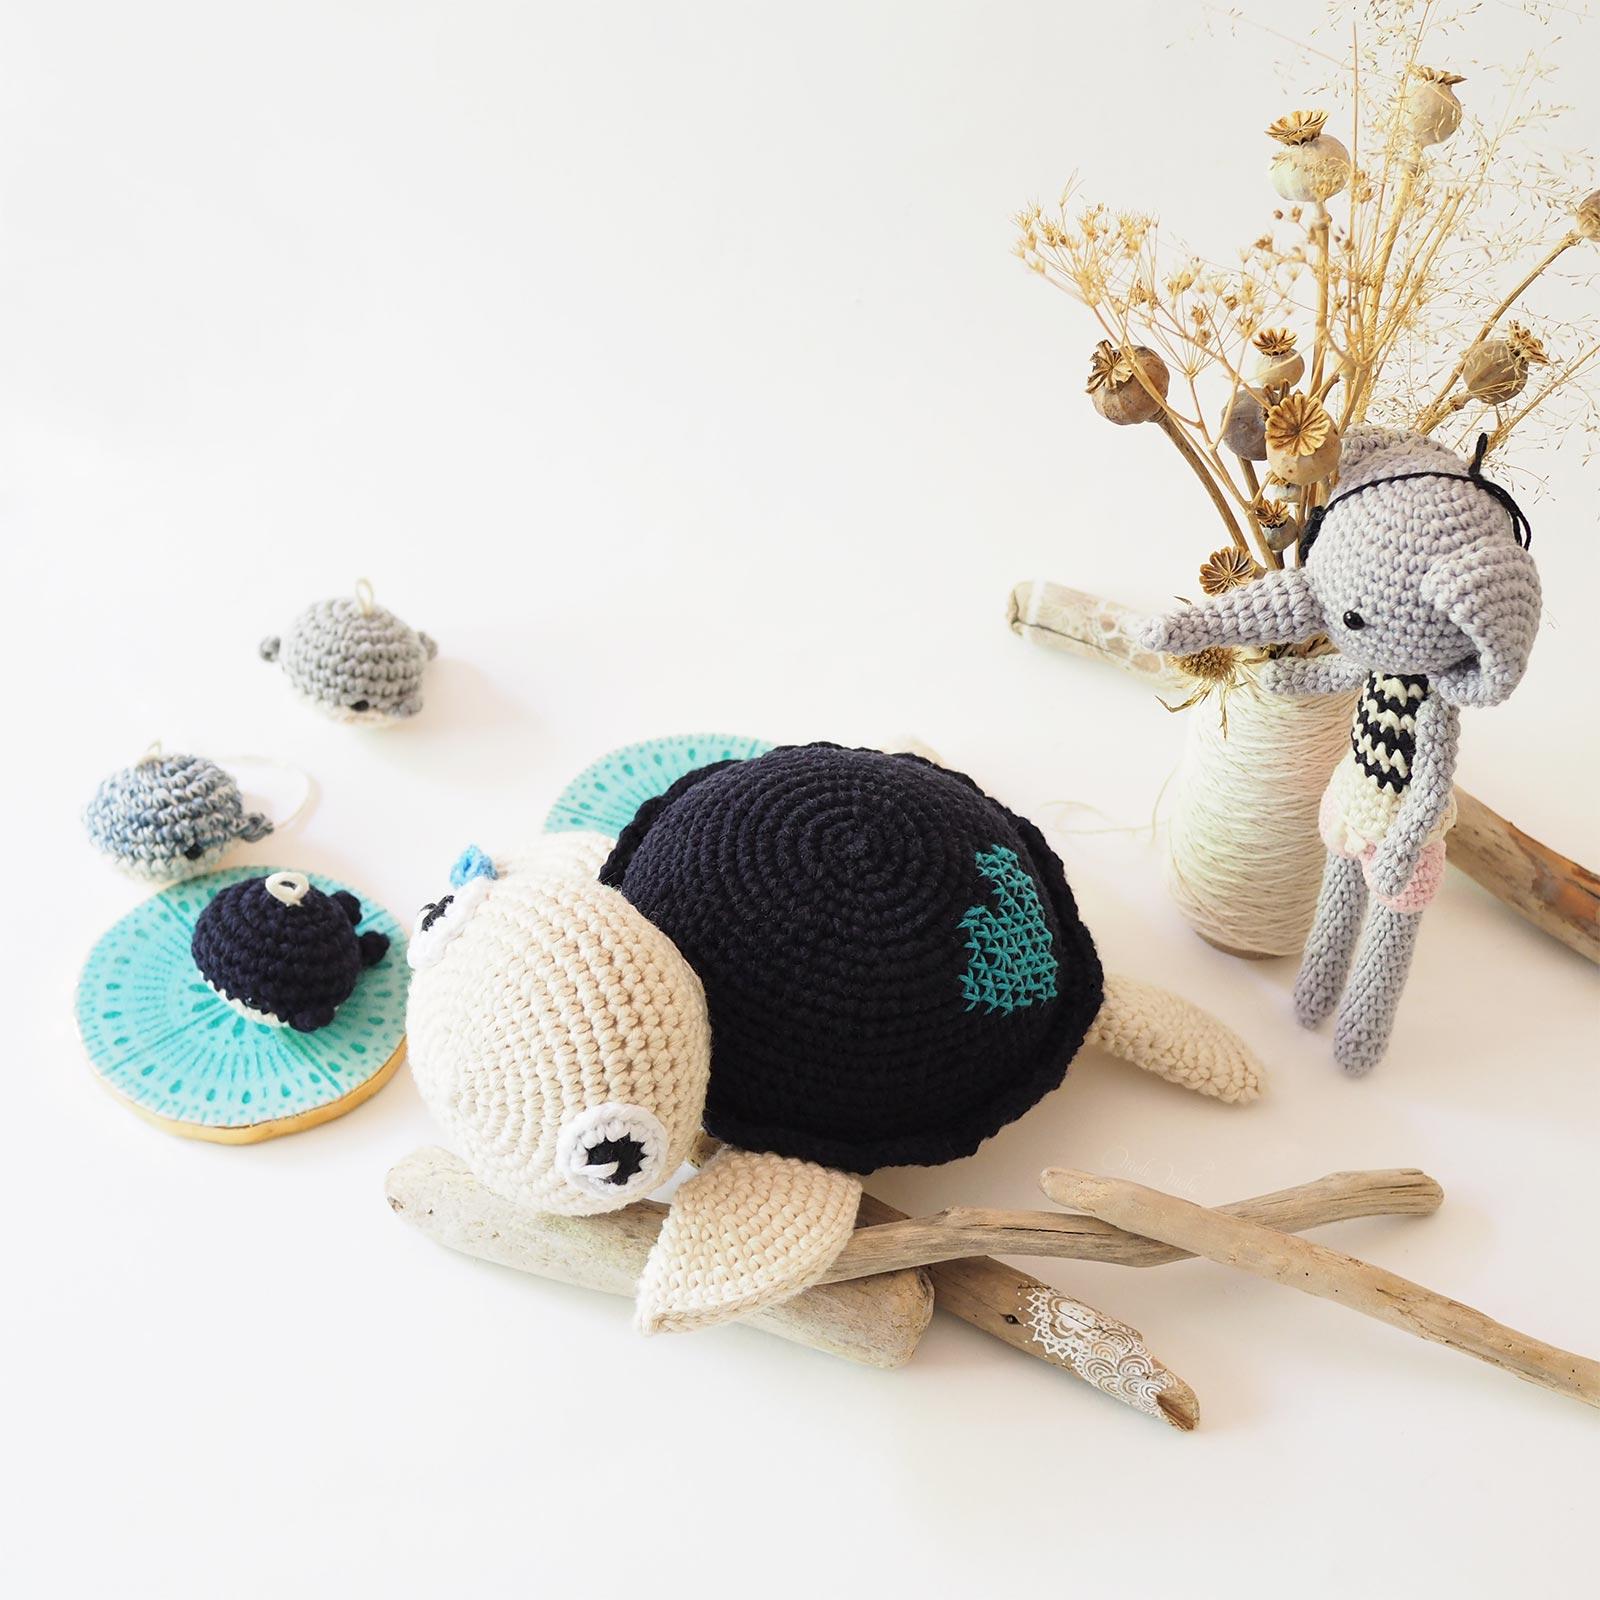 marinière bleu tortue baleine éléphant pirate crochet serial crocheteuses more 442 isabelle kessedjian laboutiquedemelimelo